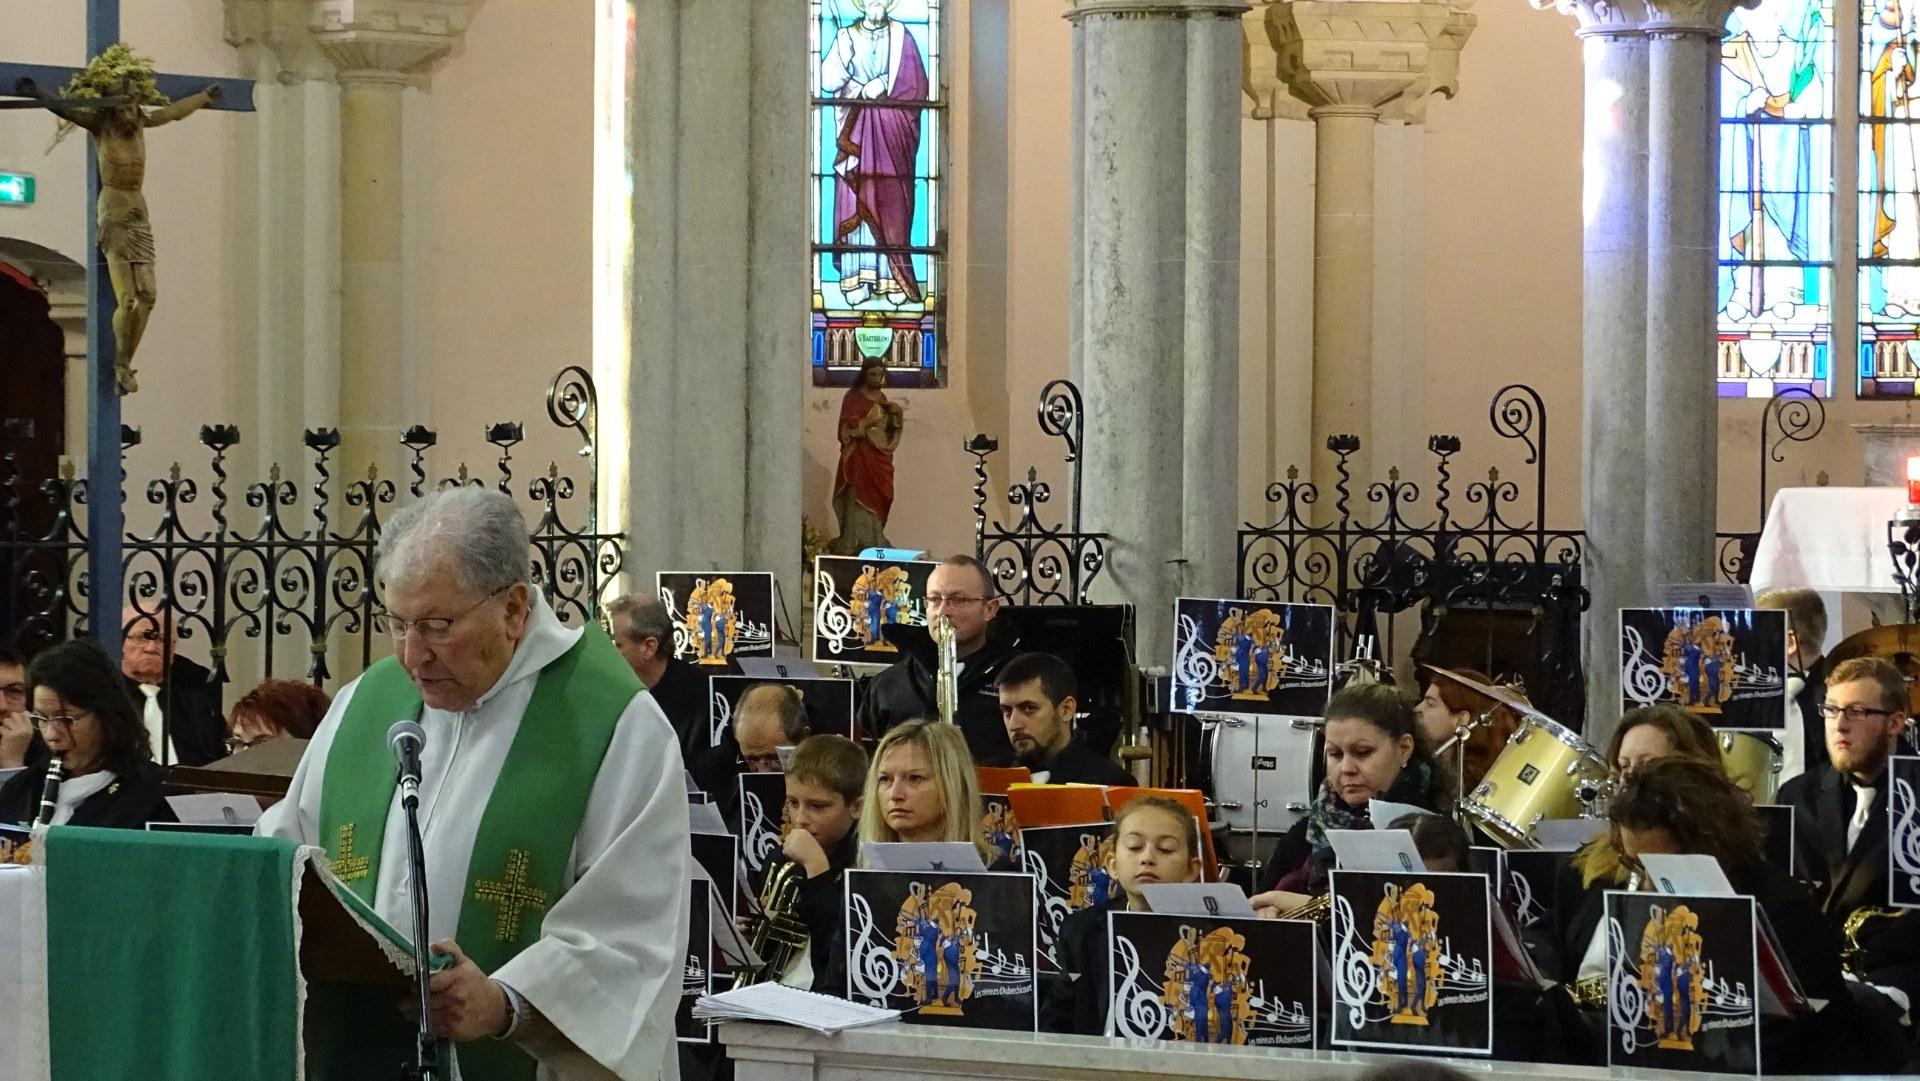 Auberchicourt messe sainte Cecile (4)